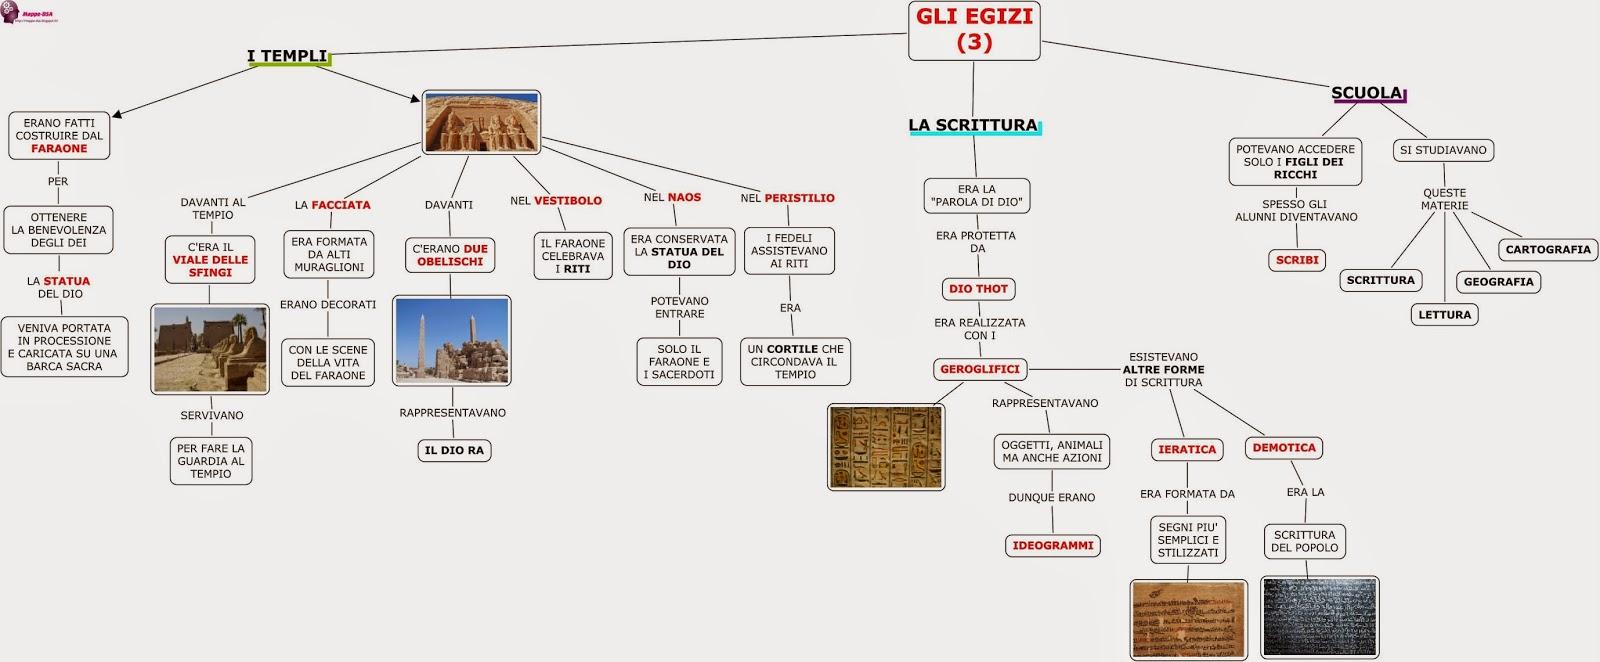 mappa dsa storia egizi